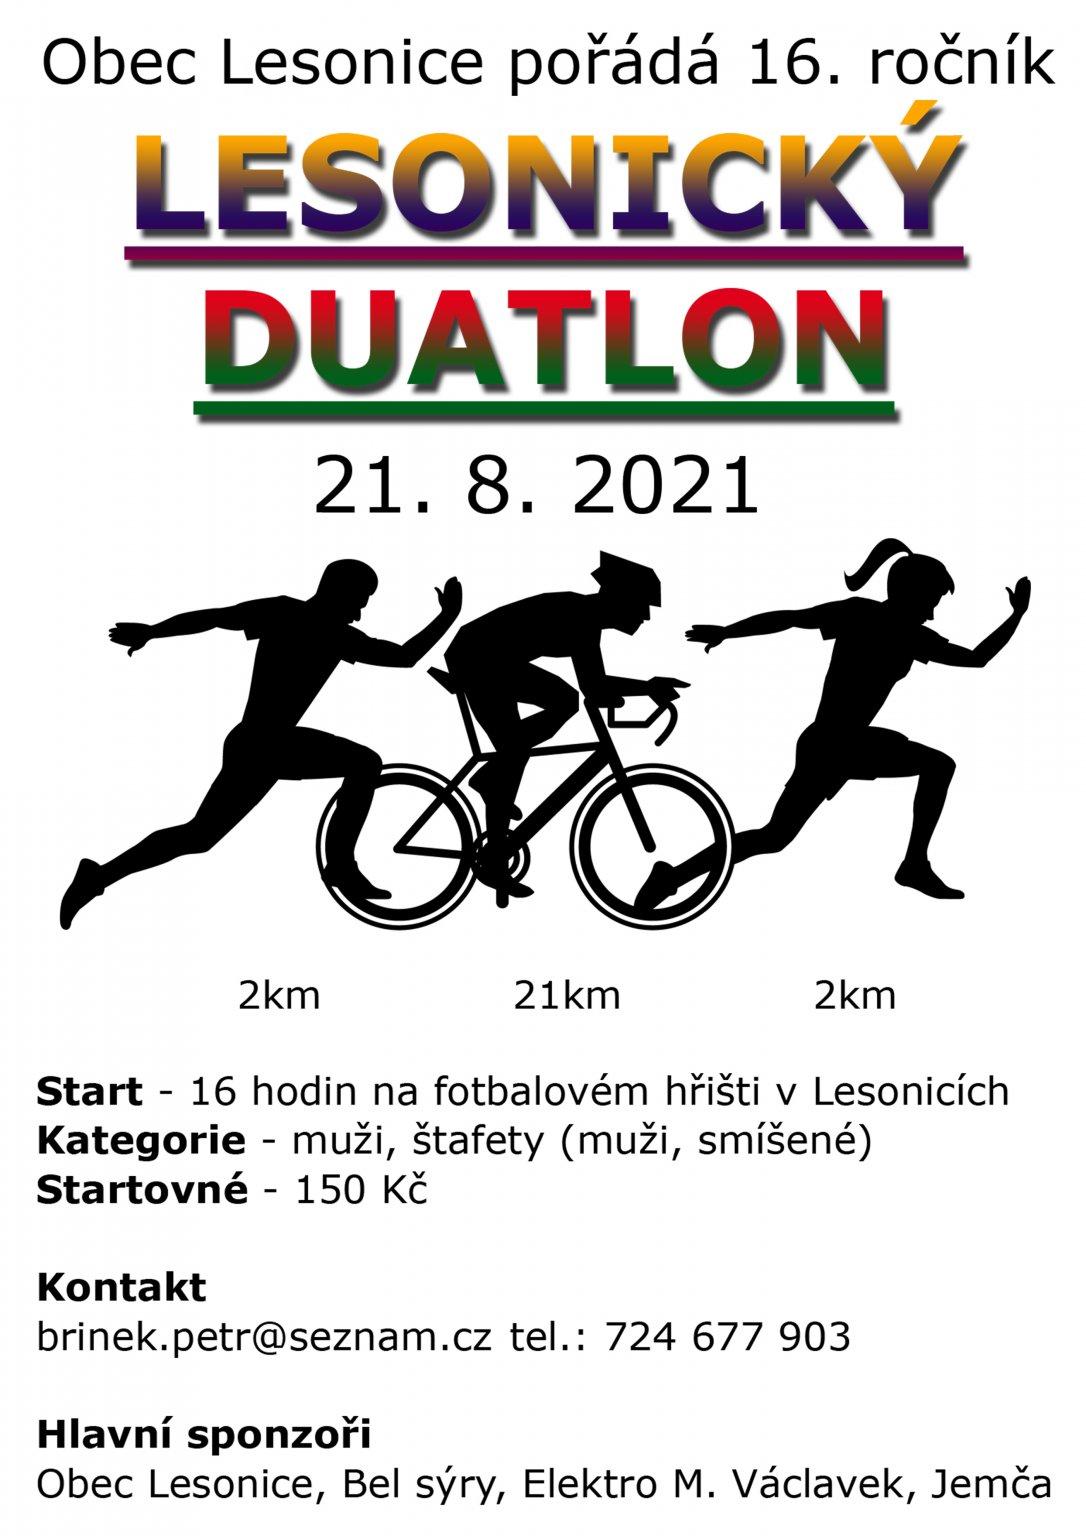 Duatlon2021